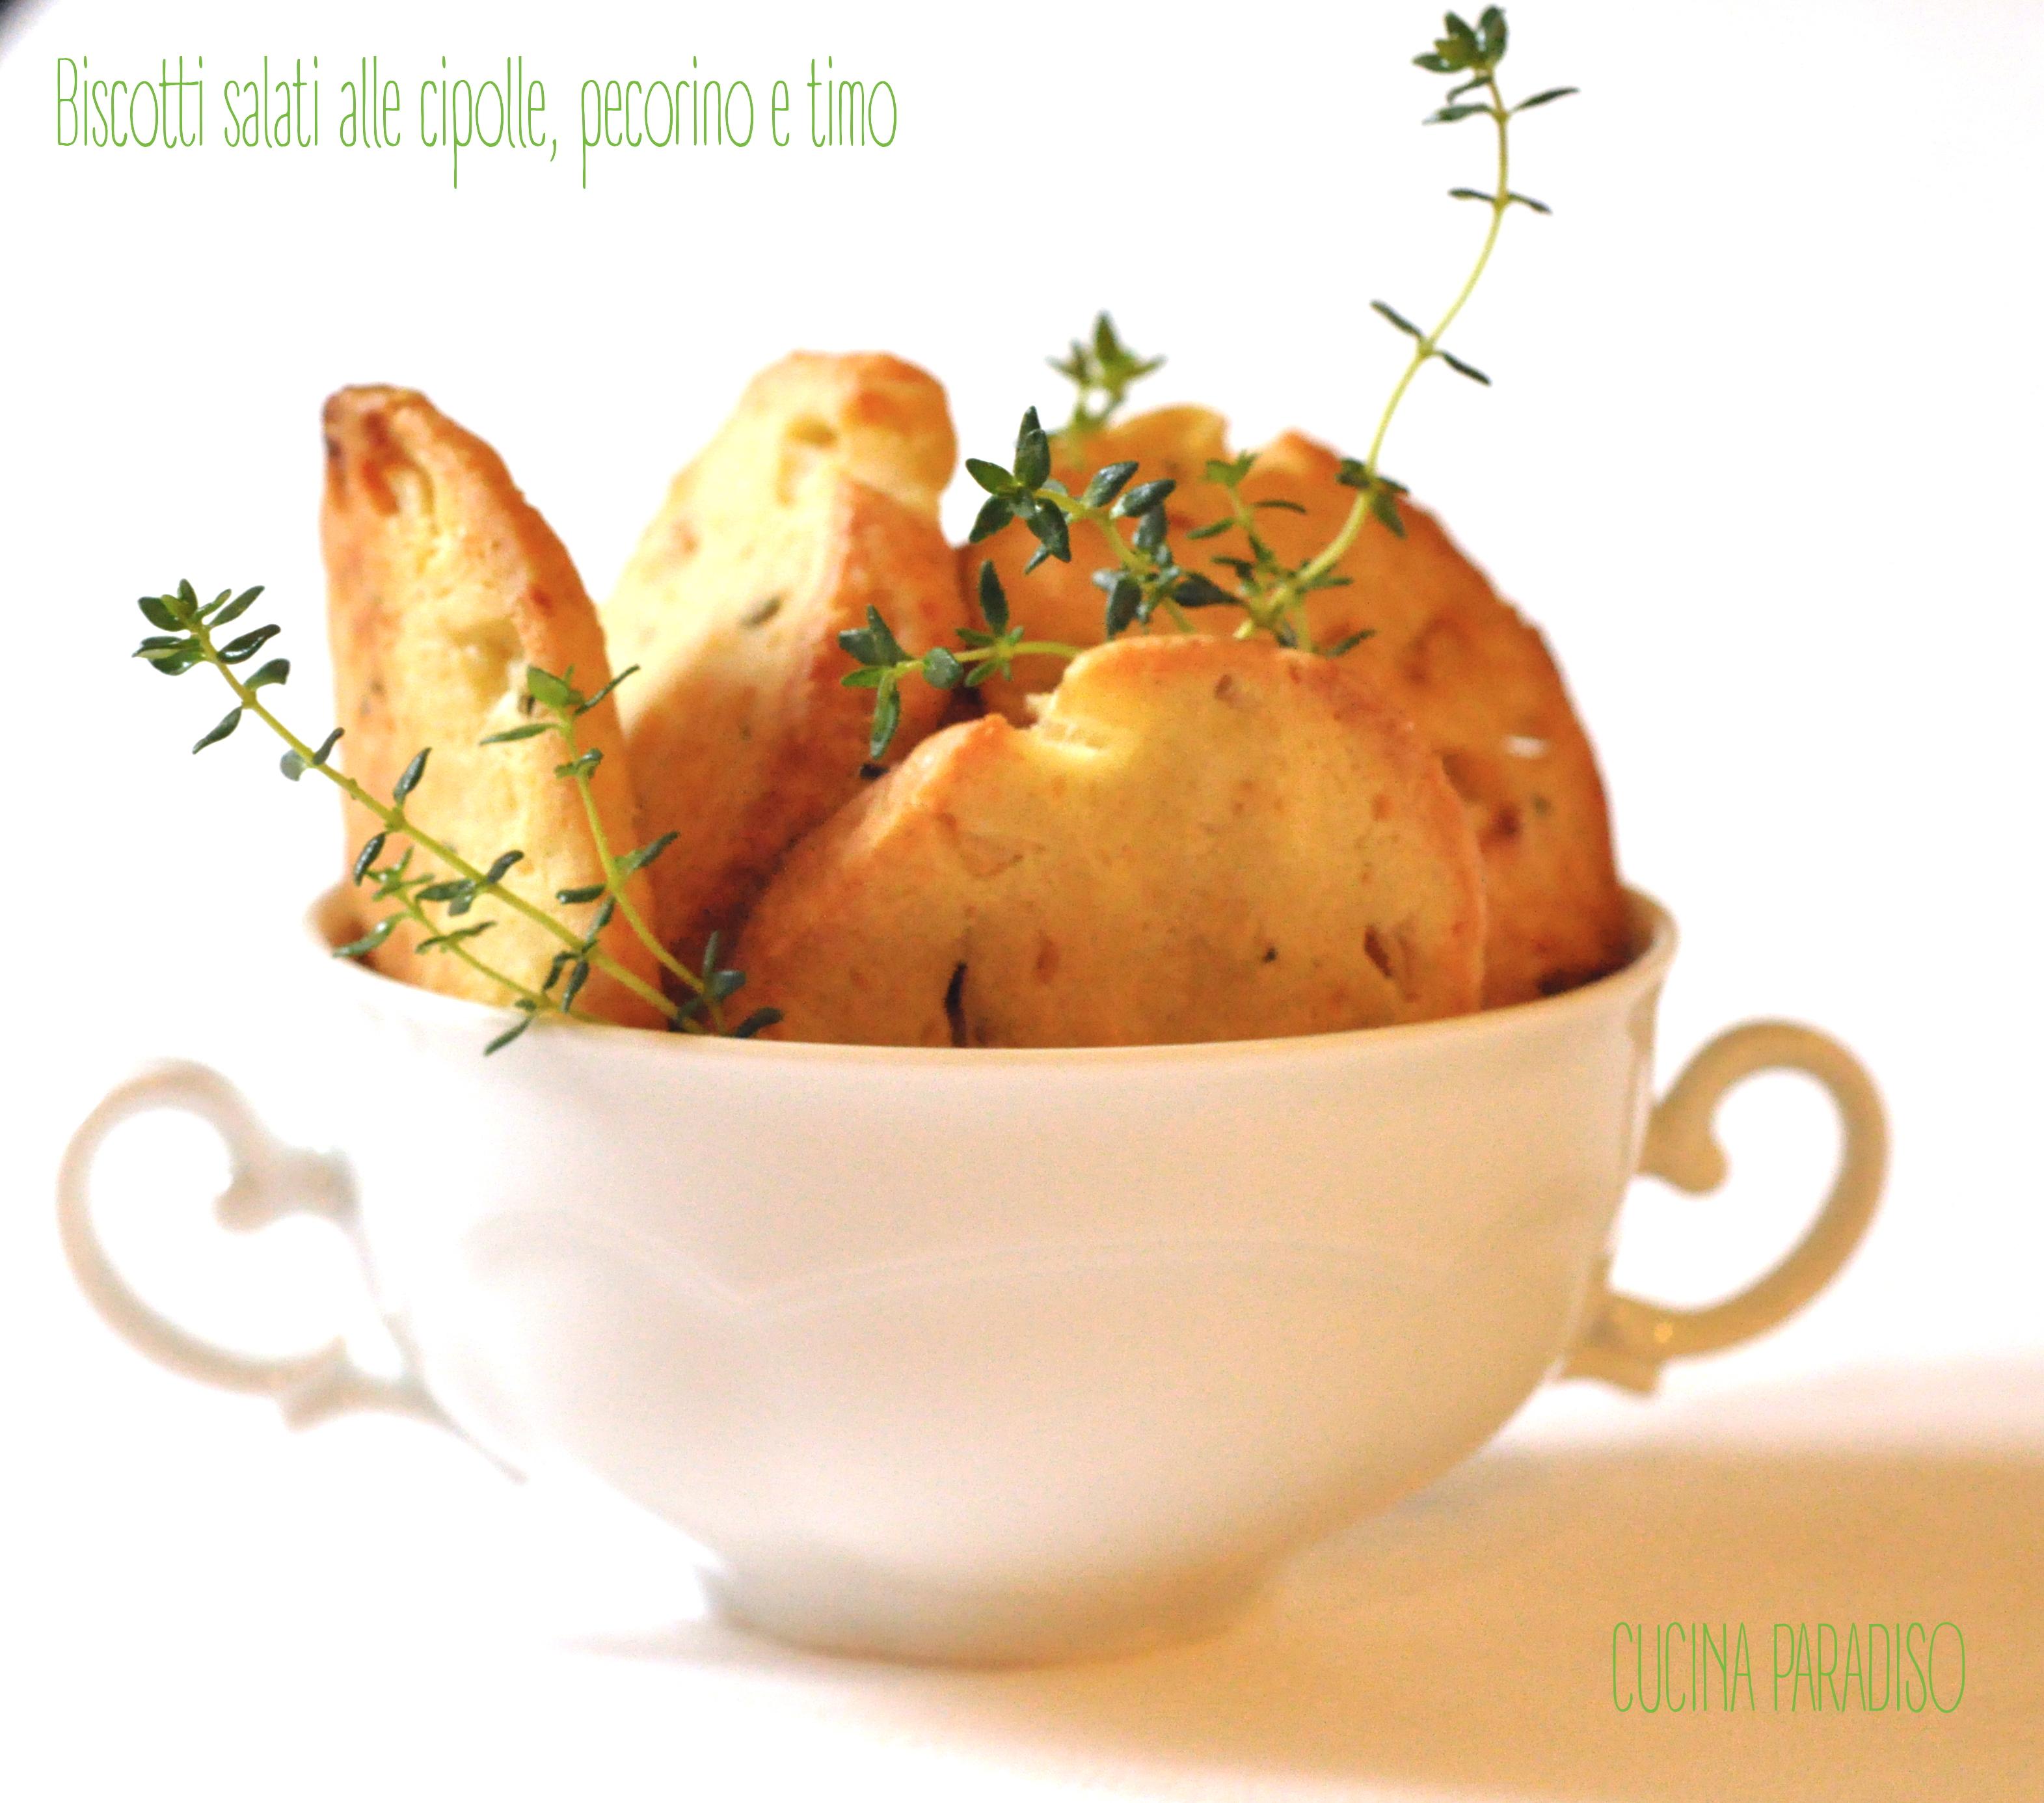 Biscotti salati alle cipolle, pecorino e timo2